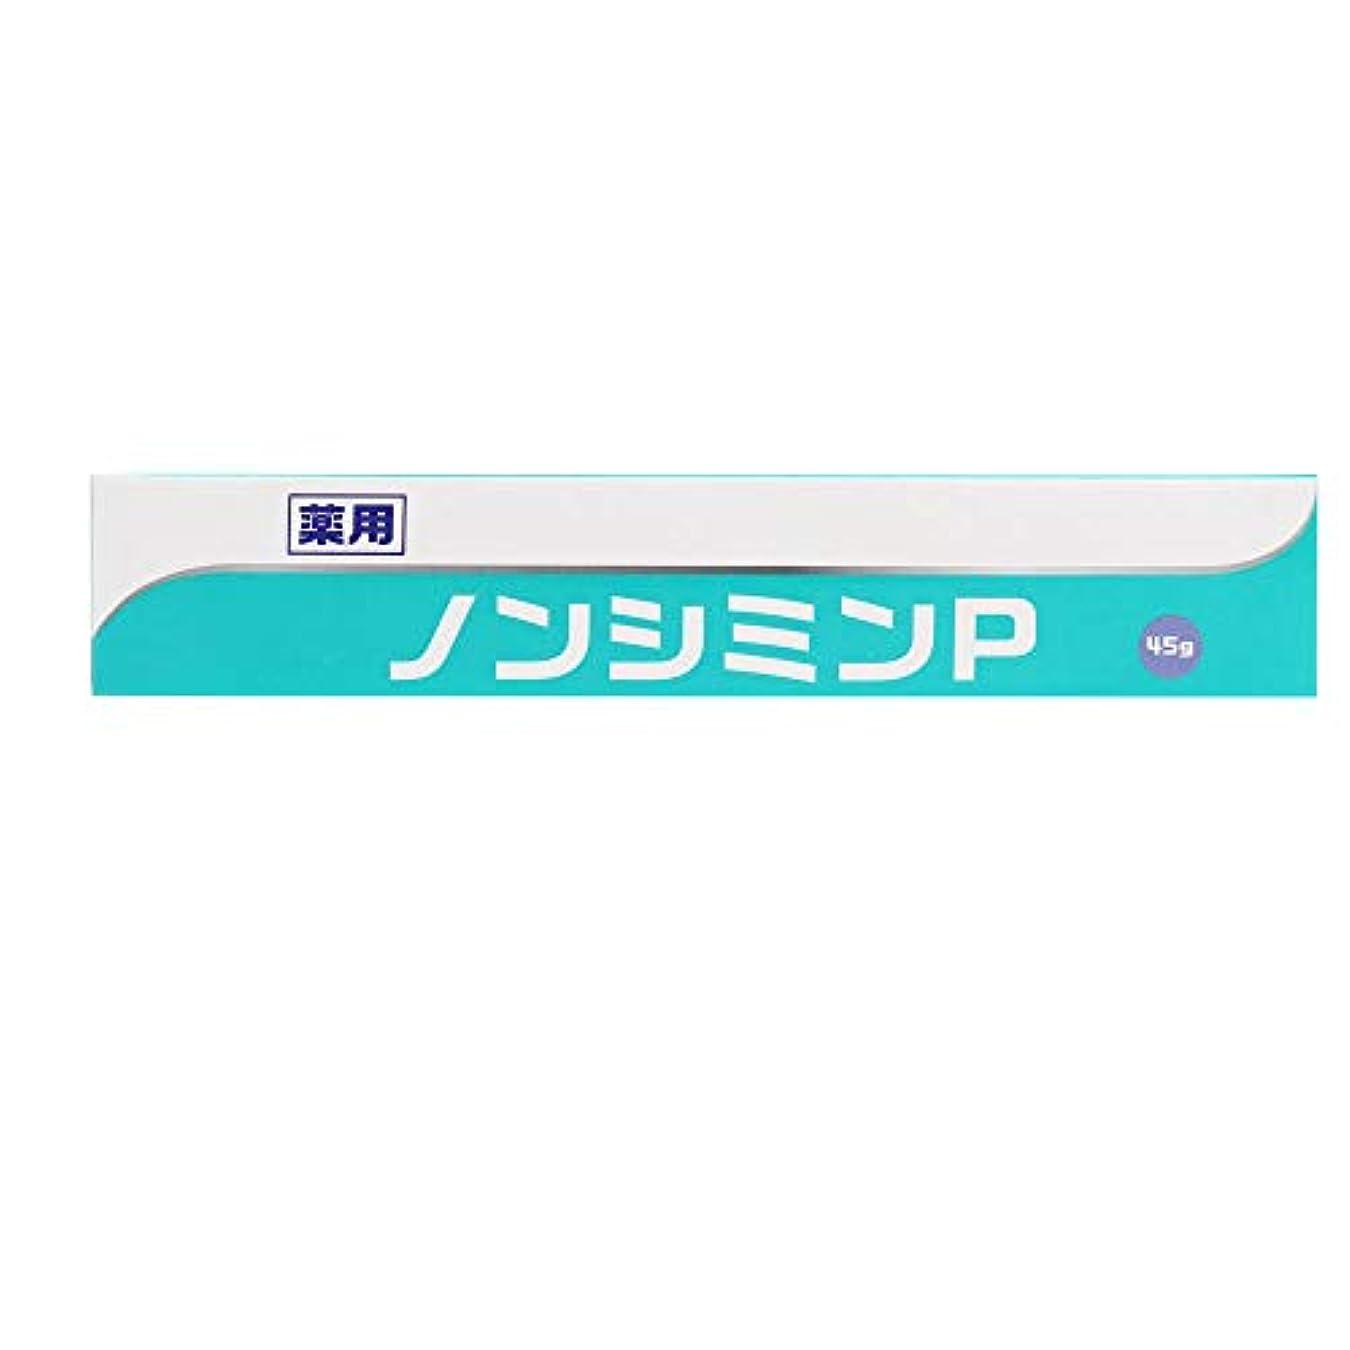 シビックジャニス辞任薬用ノンシミンP 45g ジェルタイプ 医薬部外品